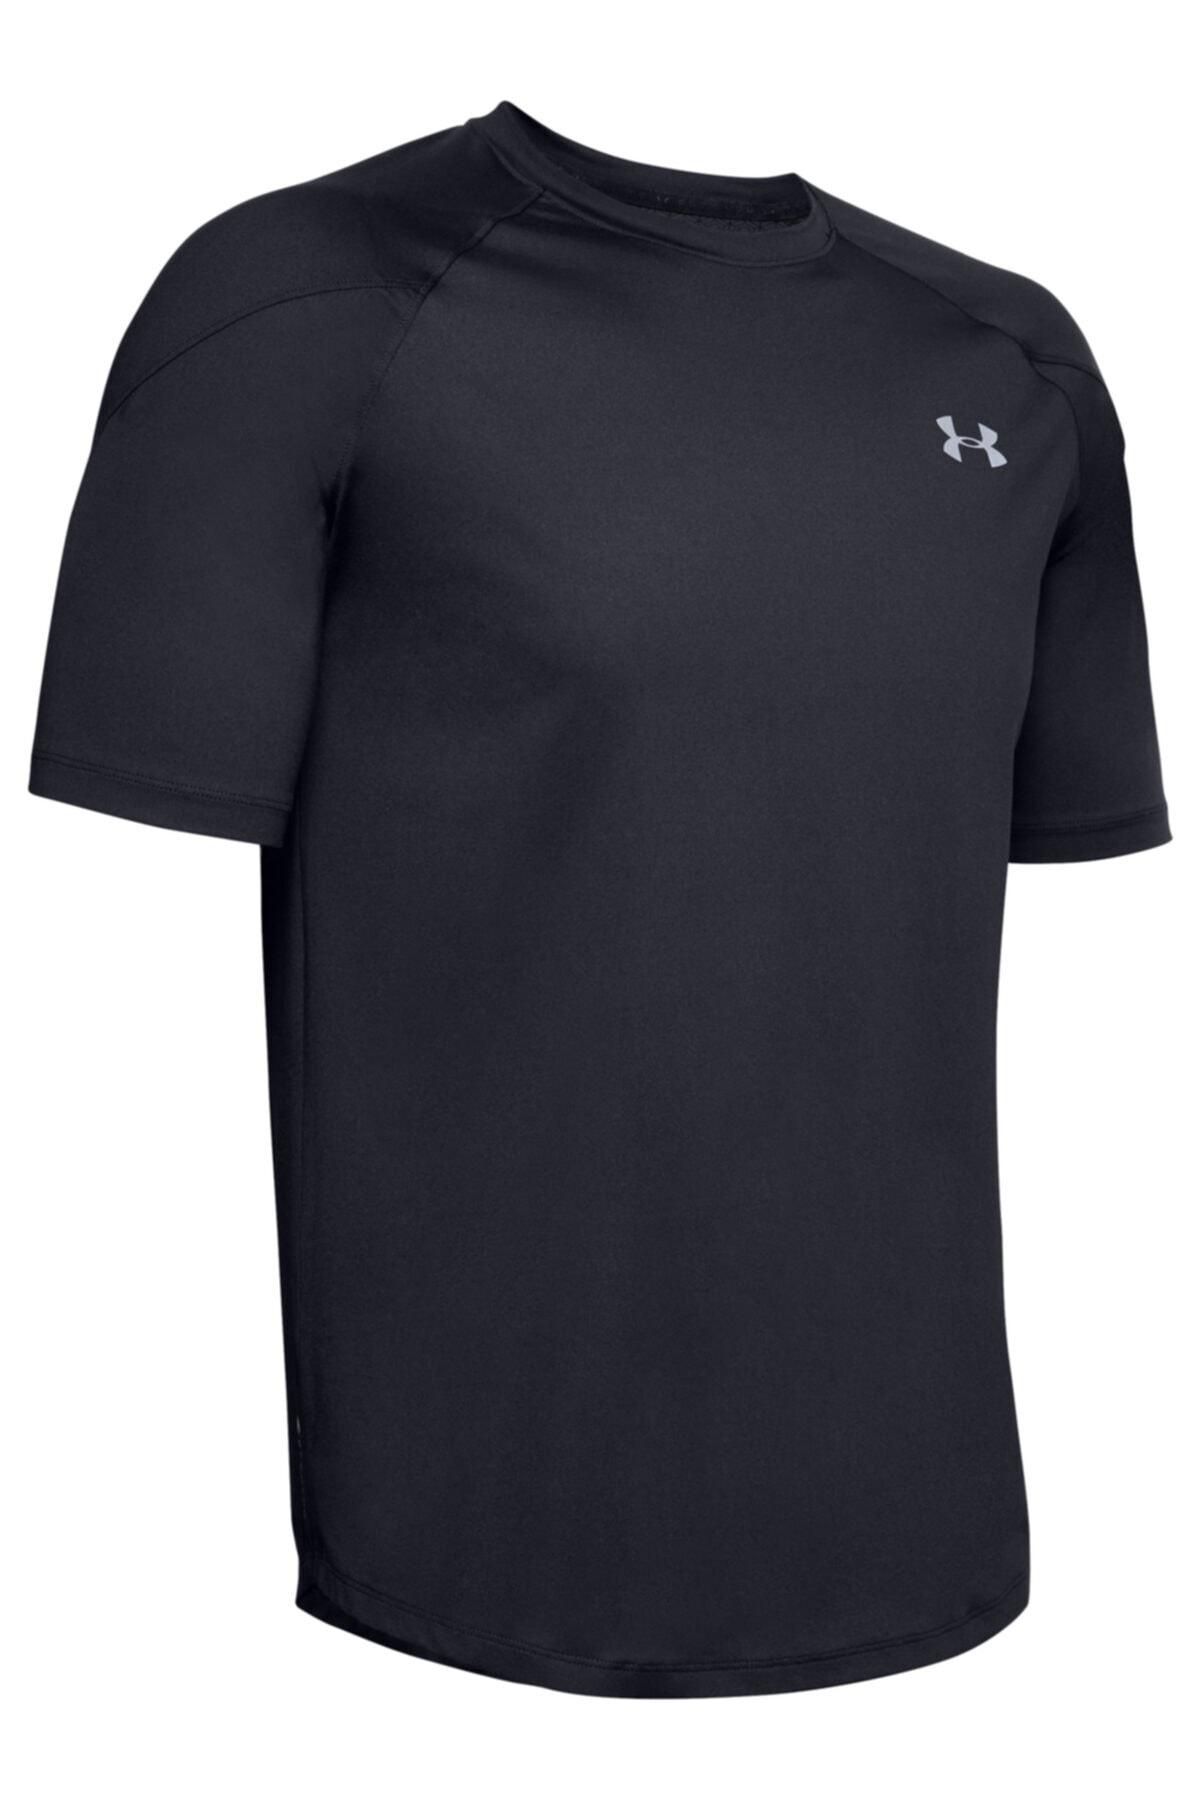 Under Armour Erkek Spor T-Shirt - Recover Ss - 1351569-001 1